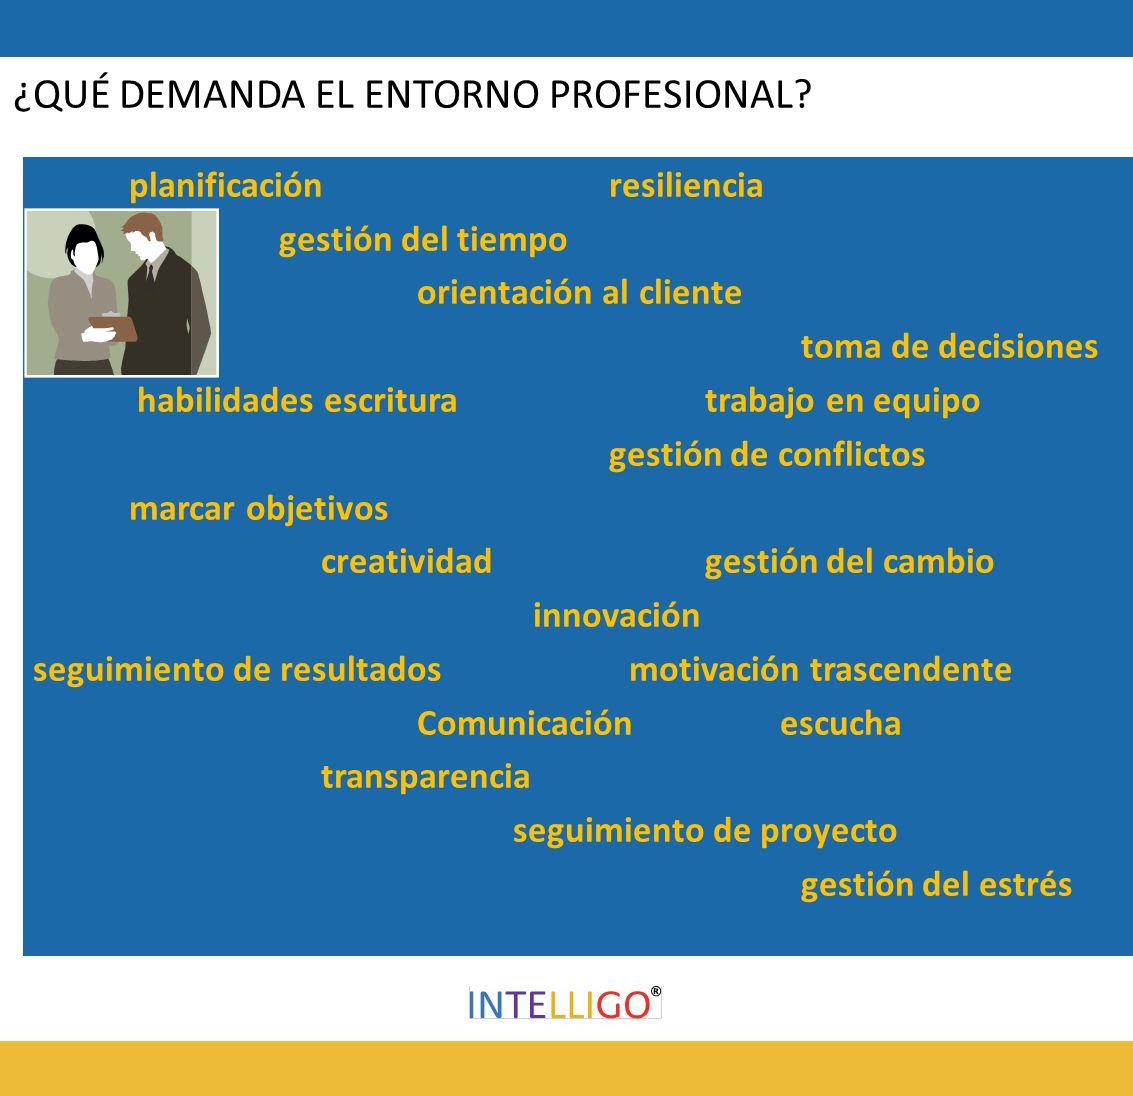 ¿QUÉ DEMANDA EL ENTORNO PROFESIONAL? planificaciónresiliencia gestión del tiempo orientación al cliente toma de decisiones habilidades escritura traba